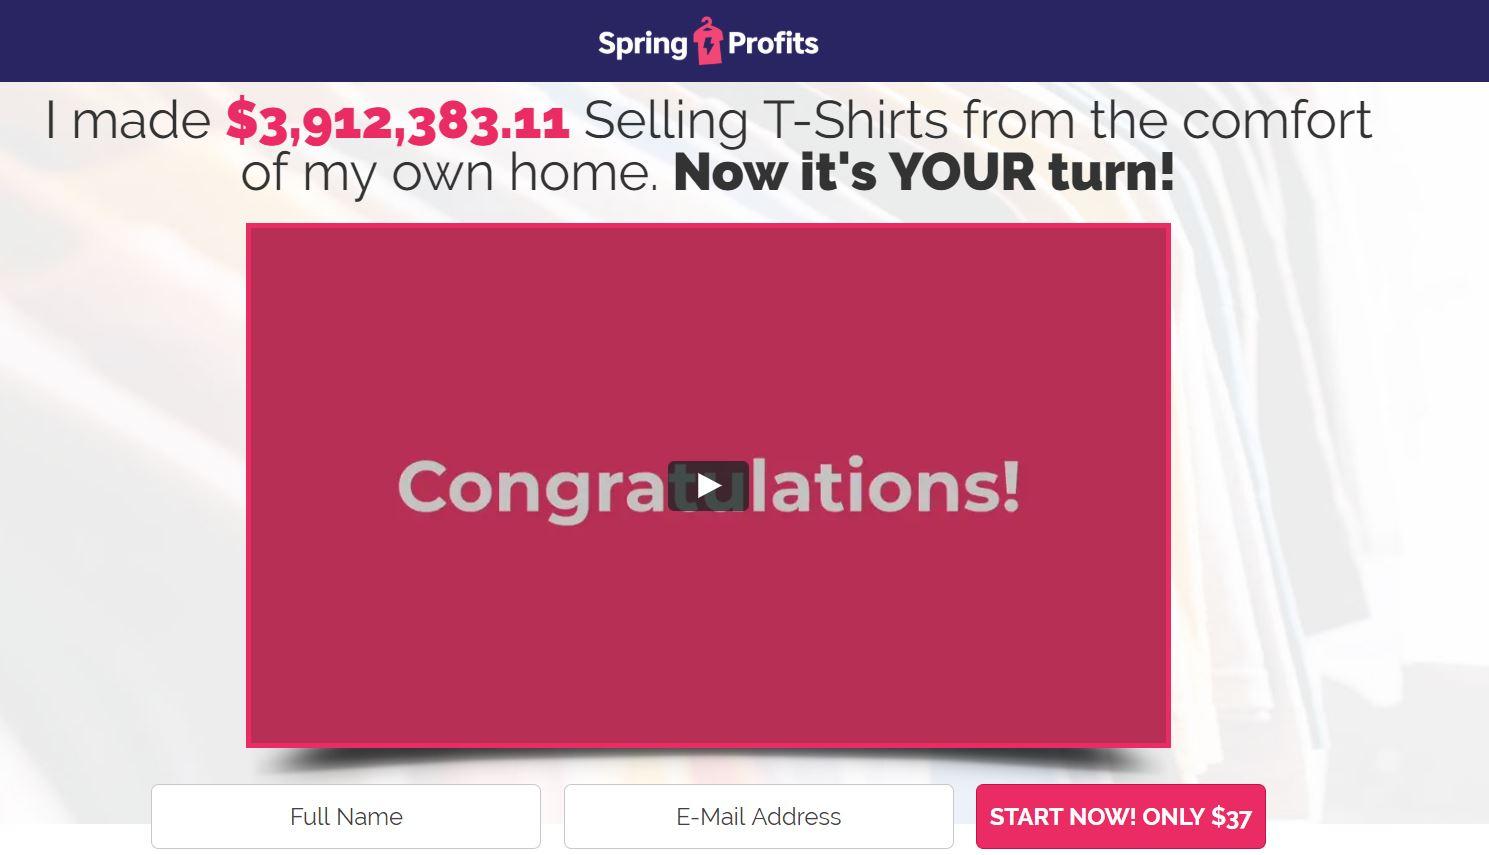 Spring Profits Scam Review